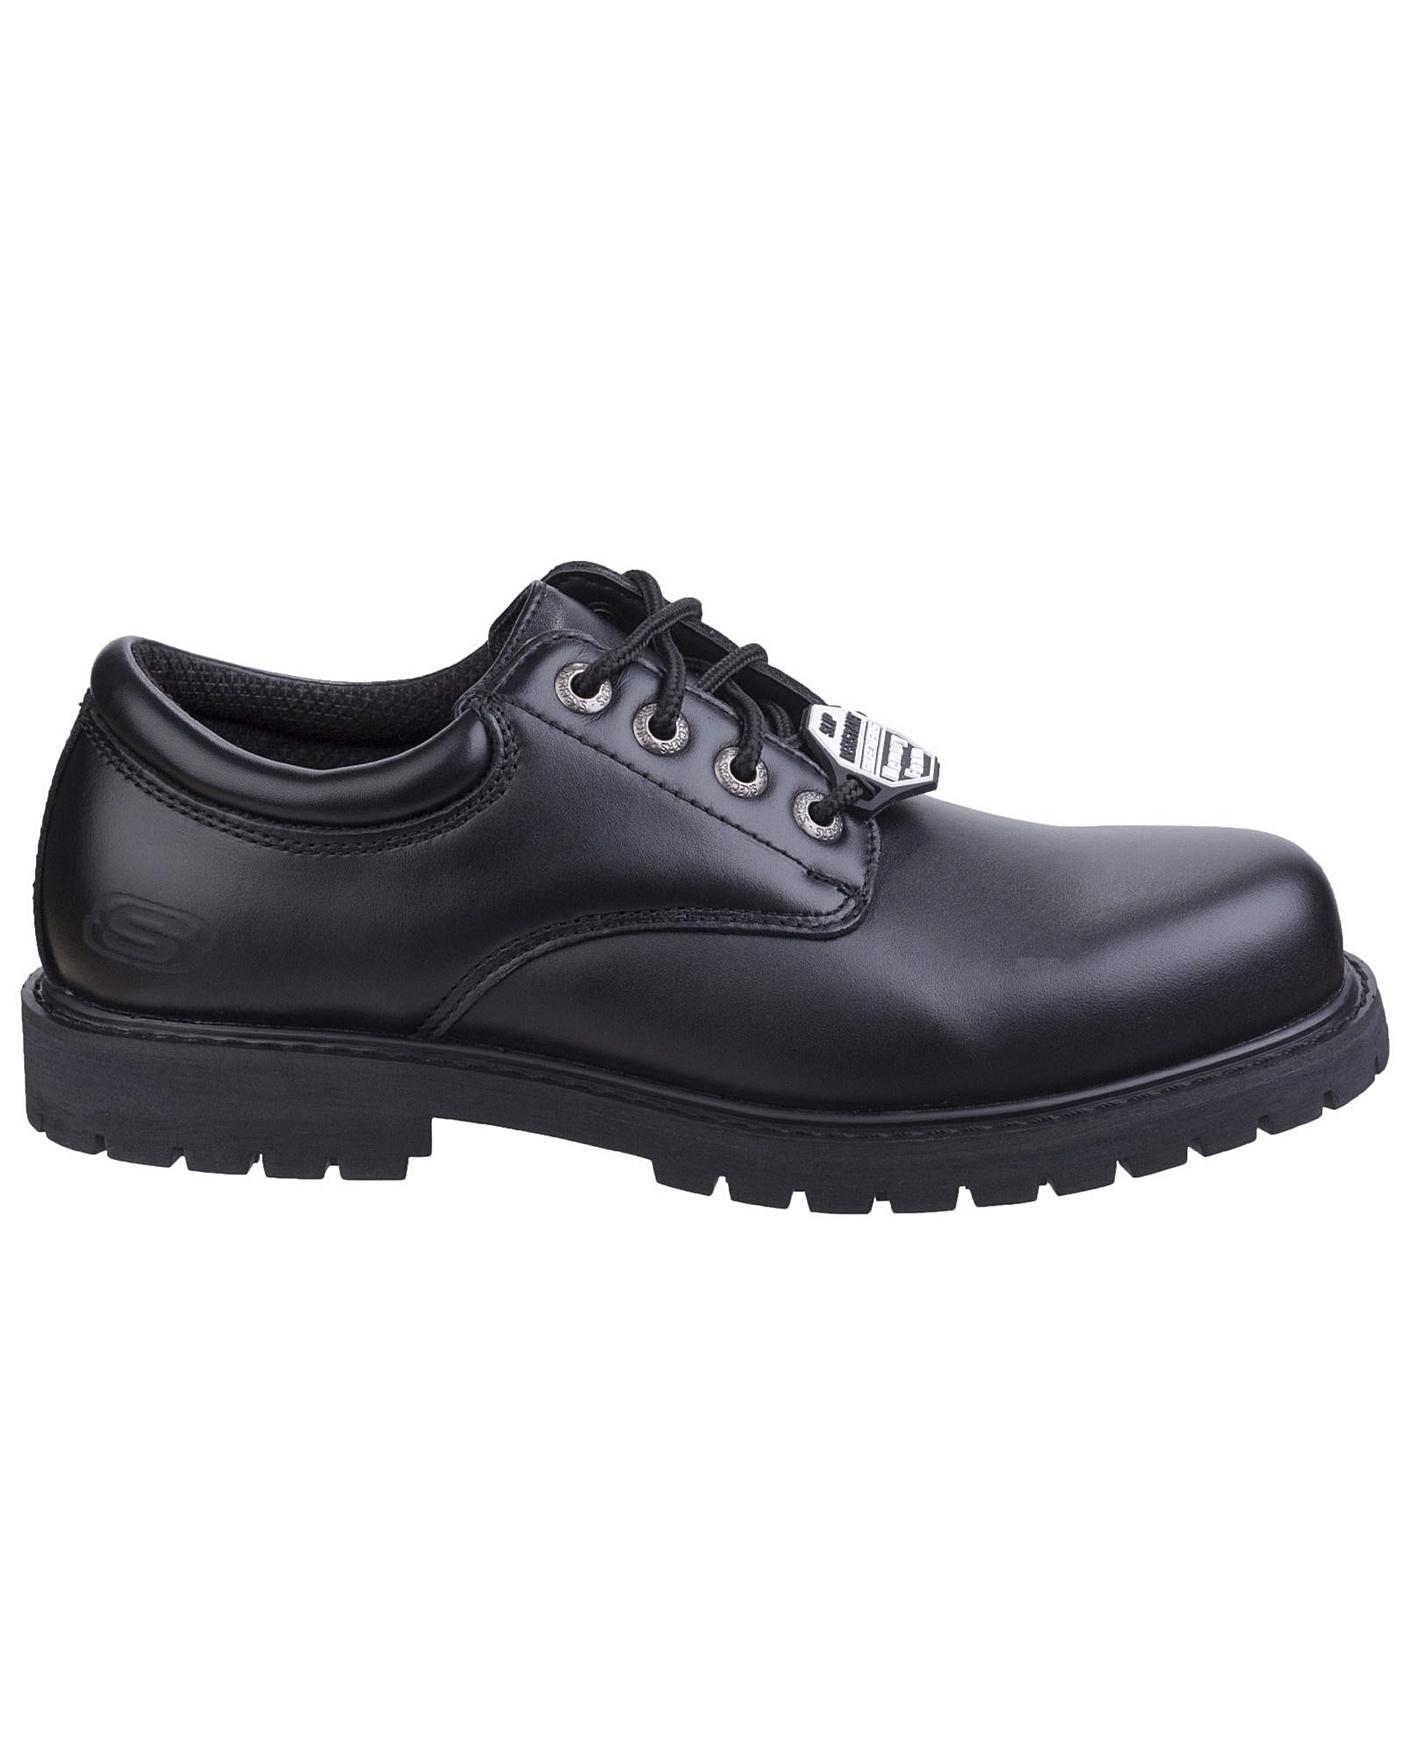 neutral Cliente ANTES DE CRISTO.  Skechers Cottonwood Elks Sr Lace Up Shoe | Oxendales